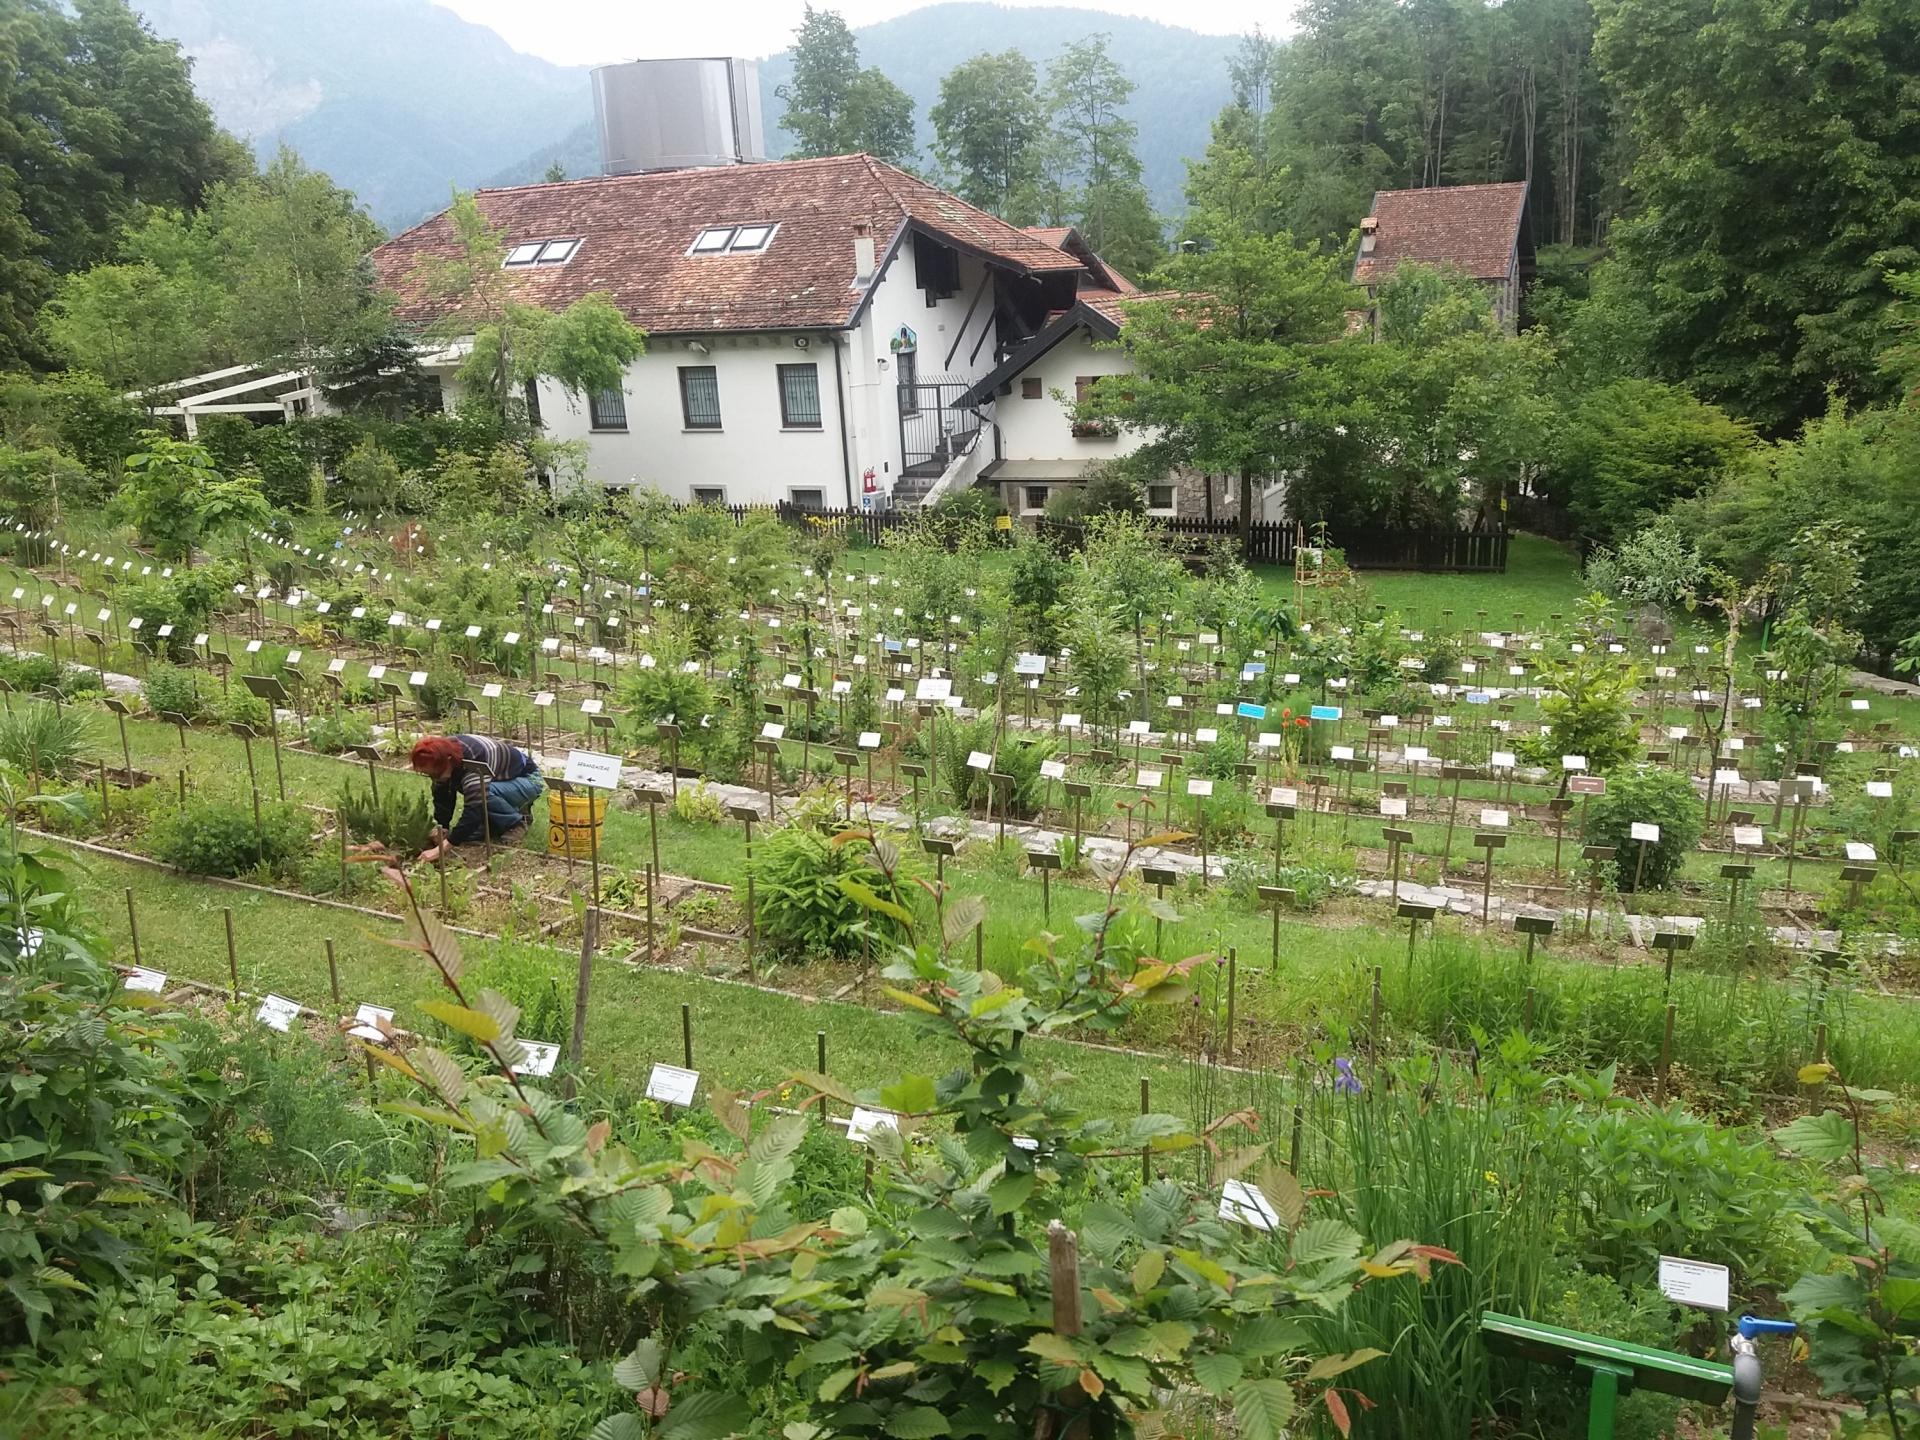 Orto botanico il giardino dei semplici dall'alto